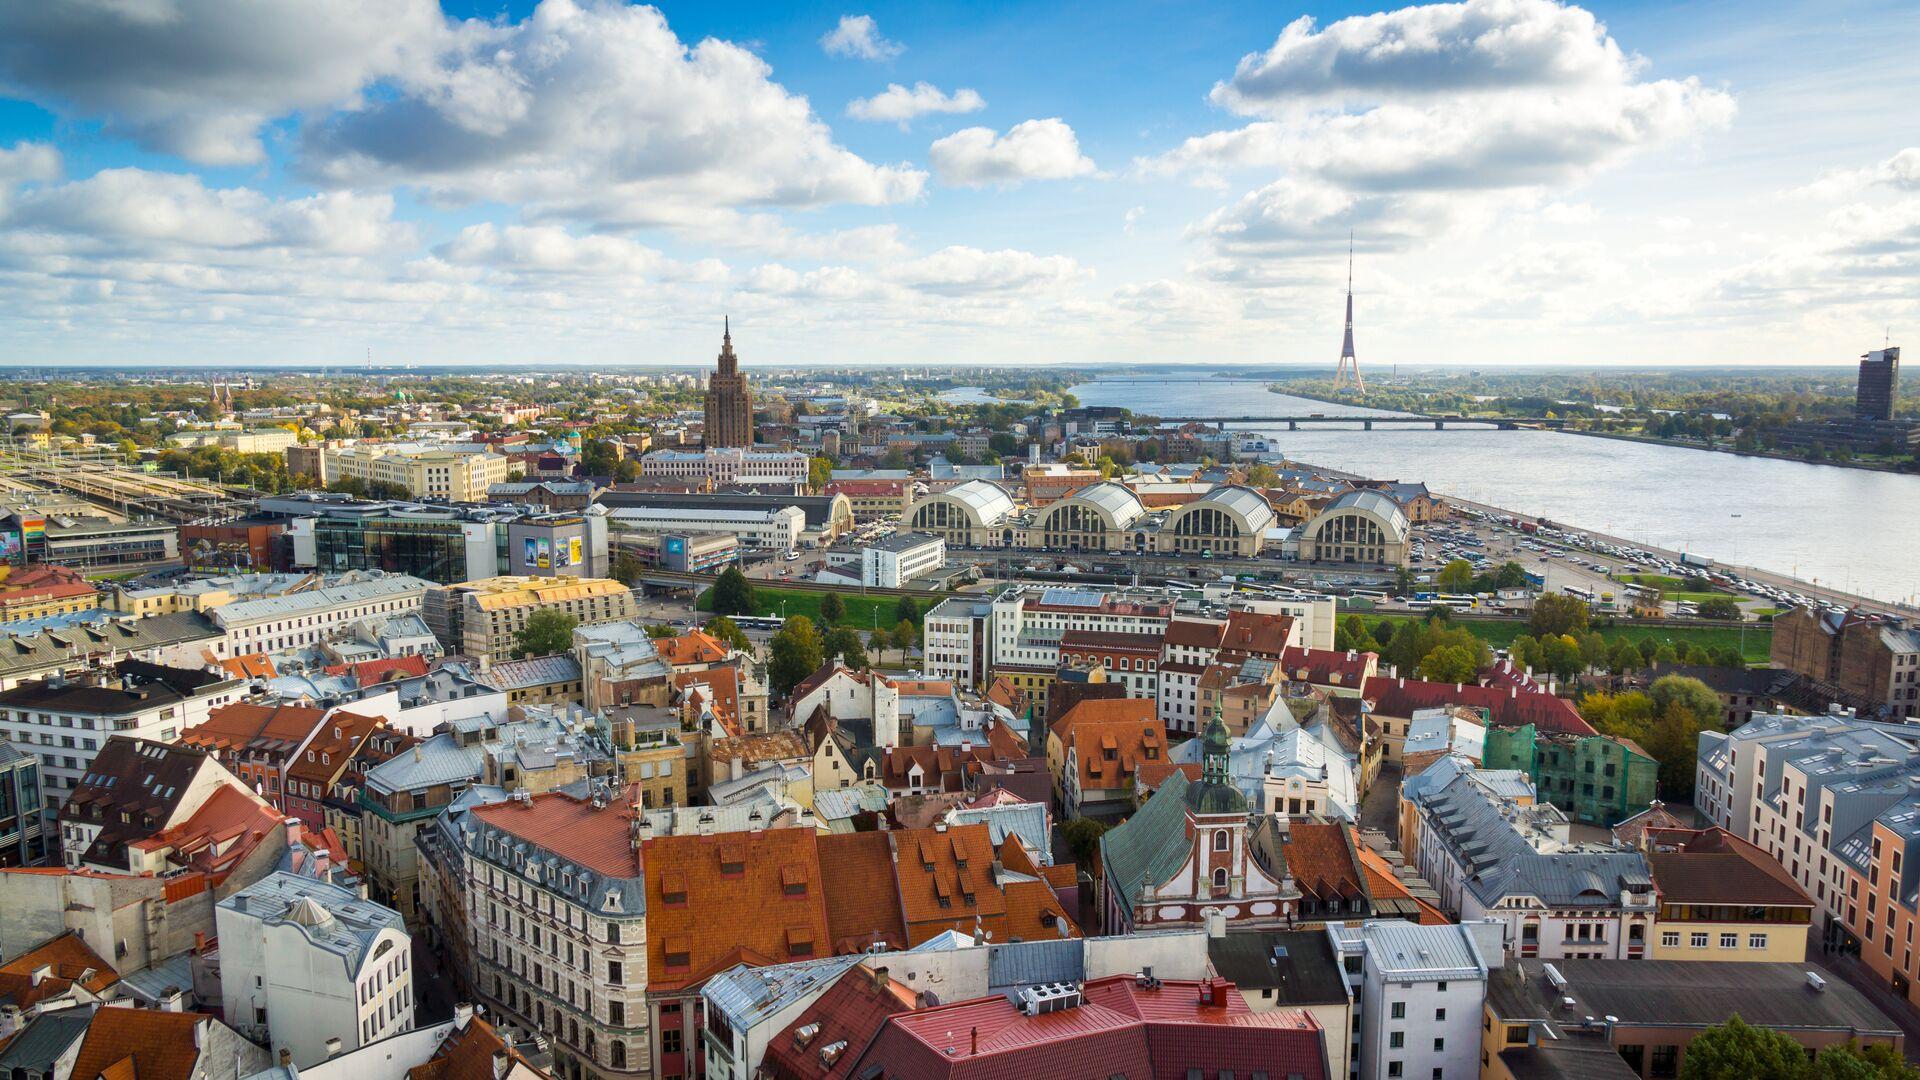 Вид Старого города в Риге, Латвия - РИА Новости, 1920, 12.07.2021